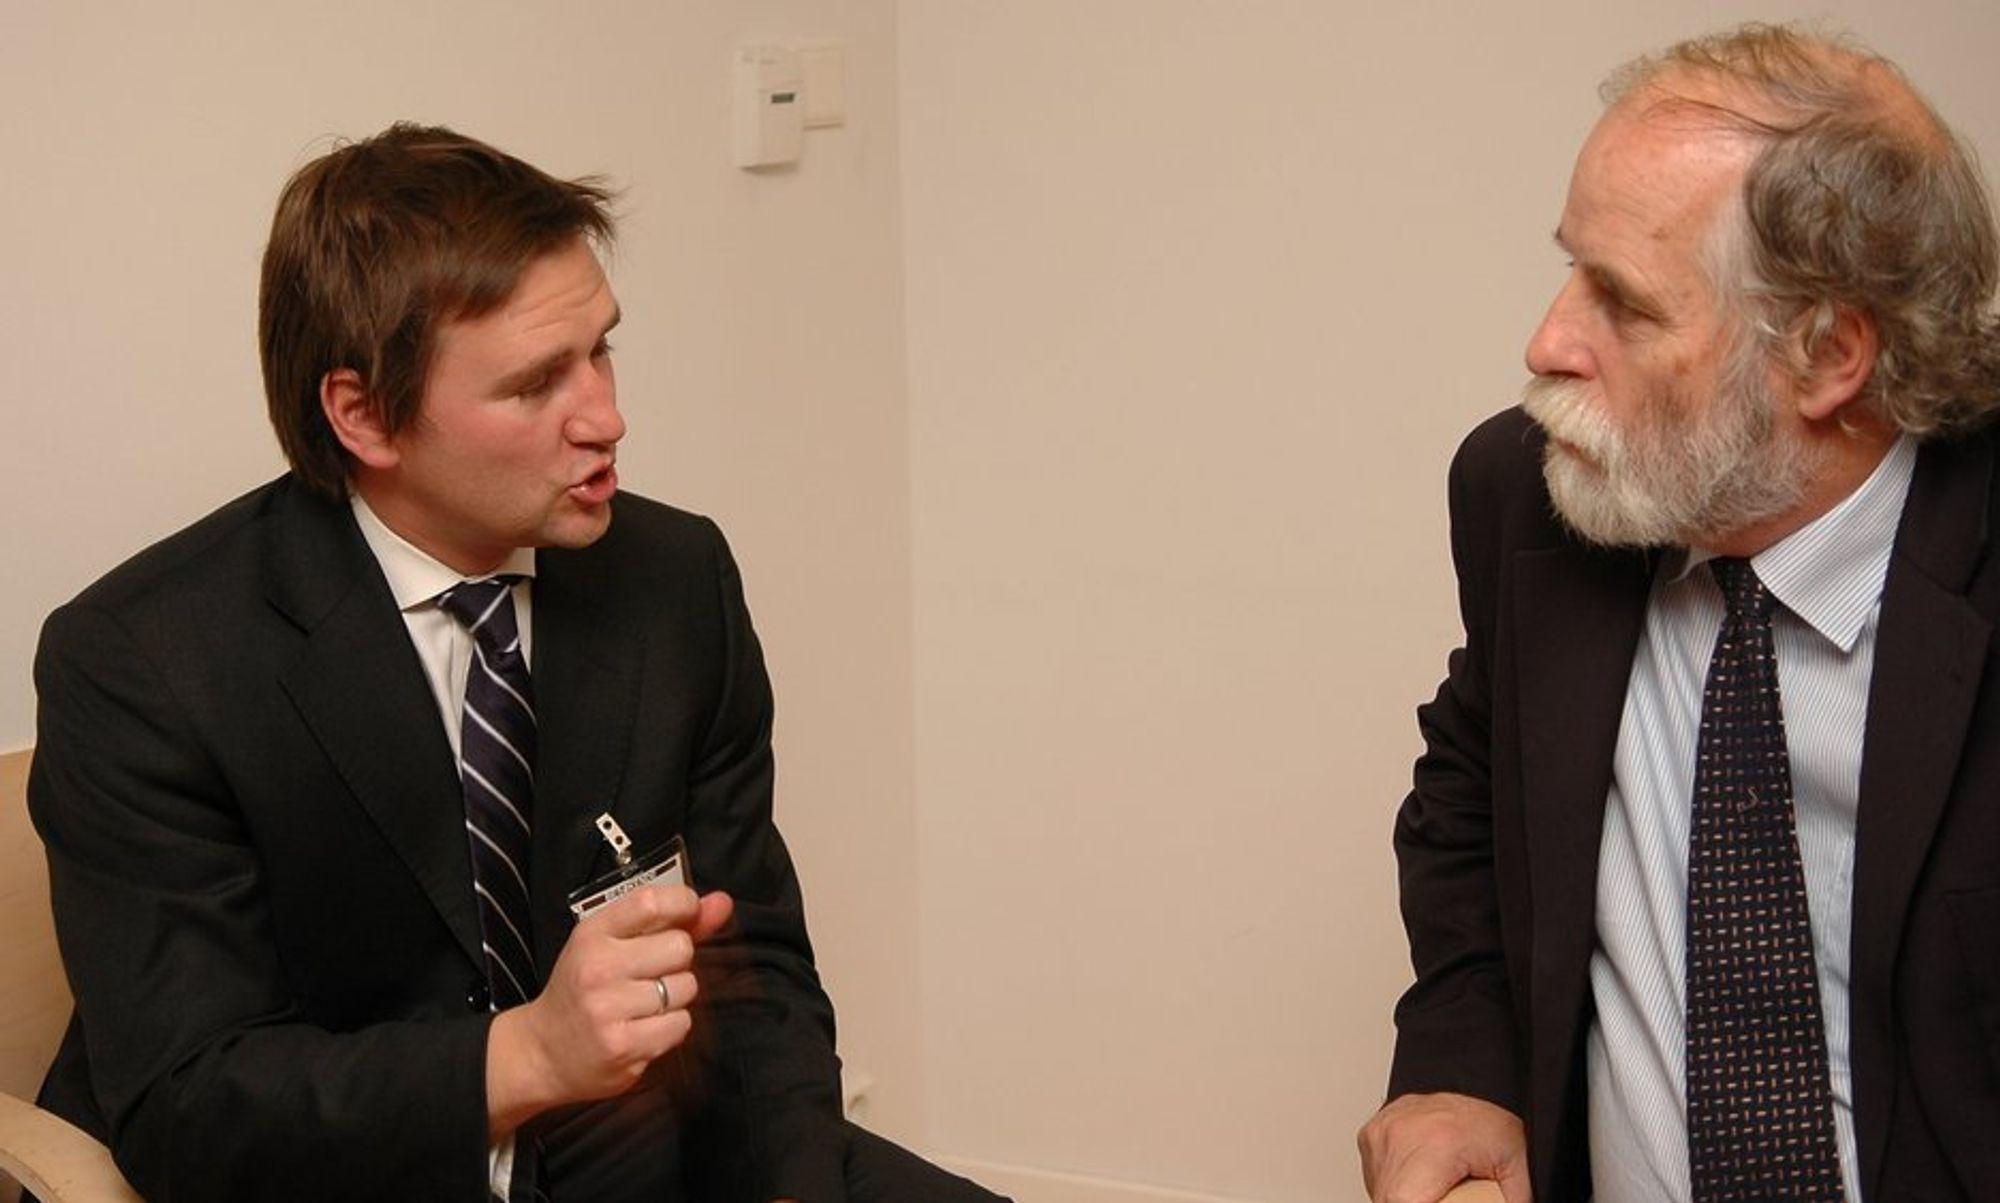 OM OLJEPRISEN: Tormod Høiby og ekspedisjonsjef  i OED, Bjarne Moe i diskusjon om fremtidig oljepris.